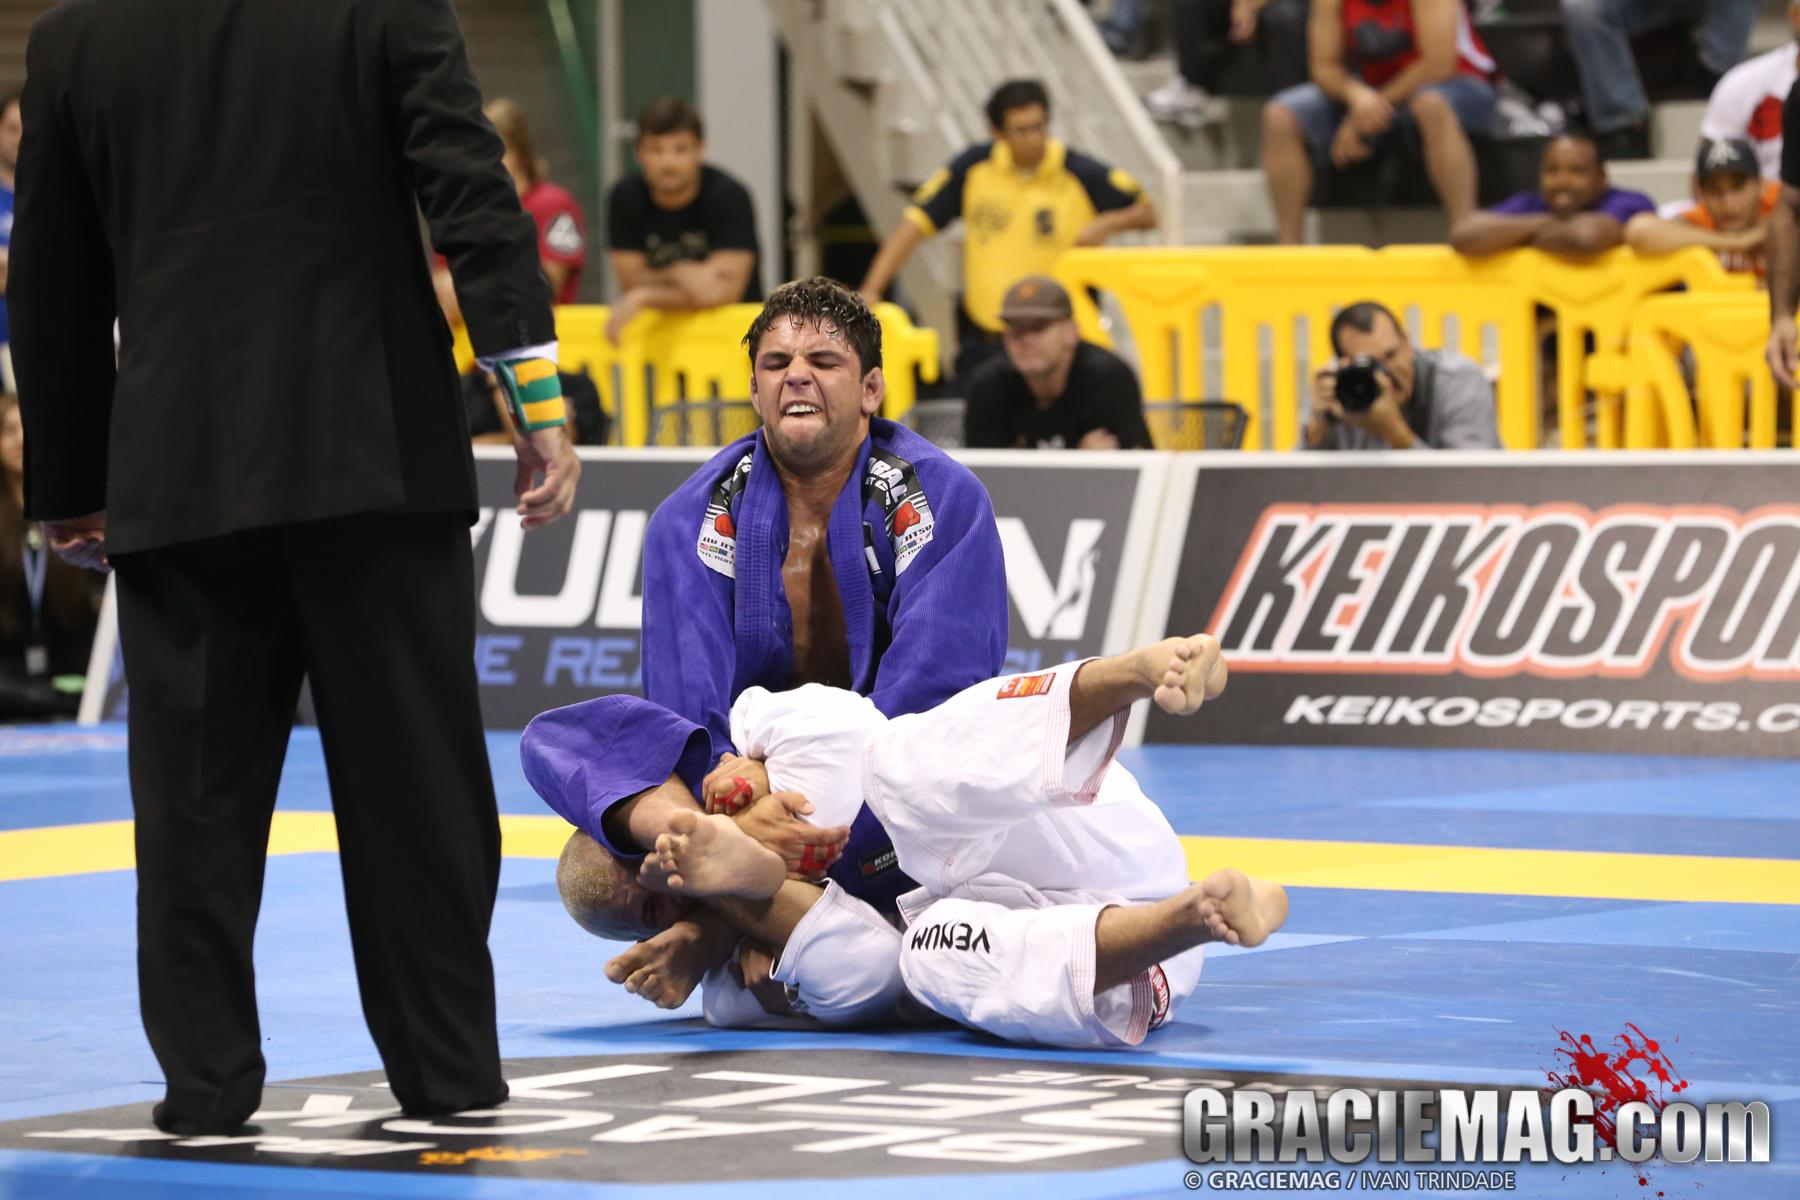 Buchecha attacks Rodolfo's arm in the open class final